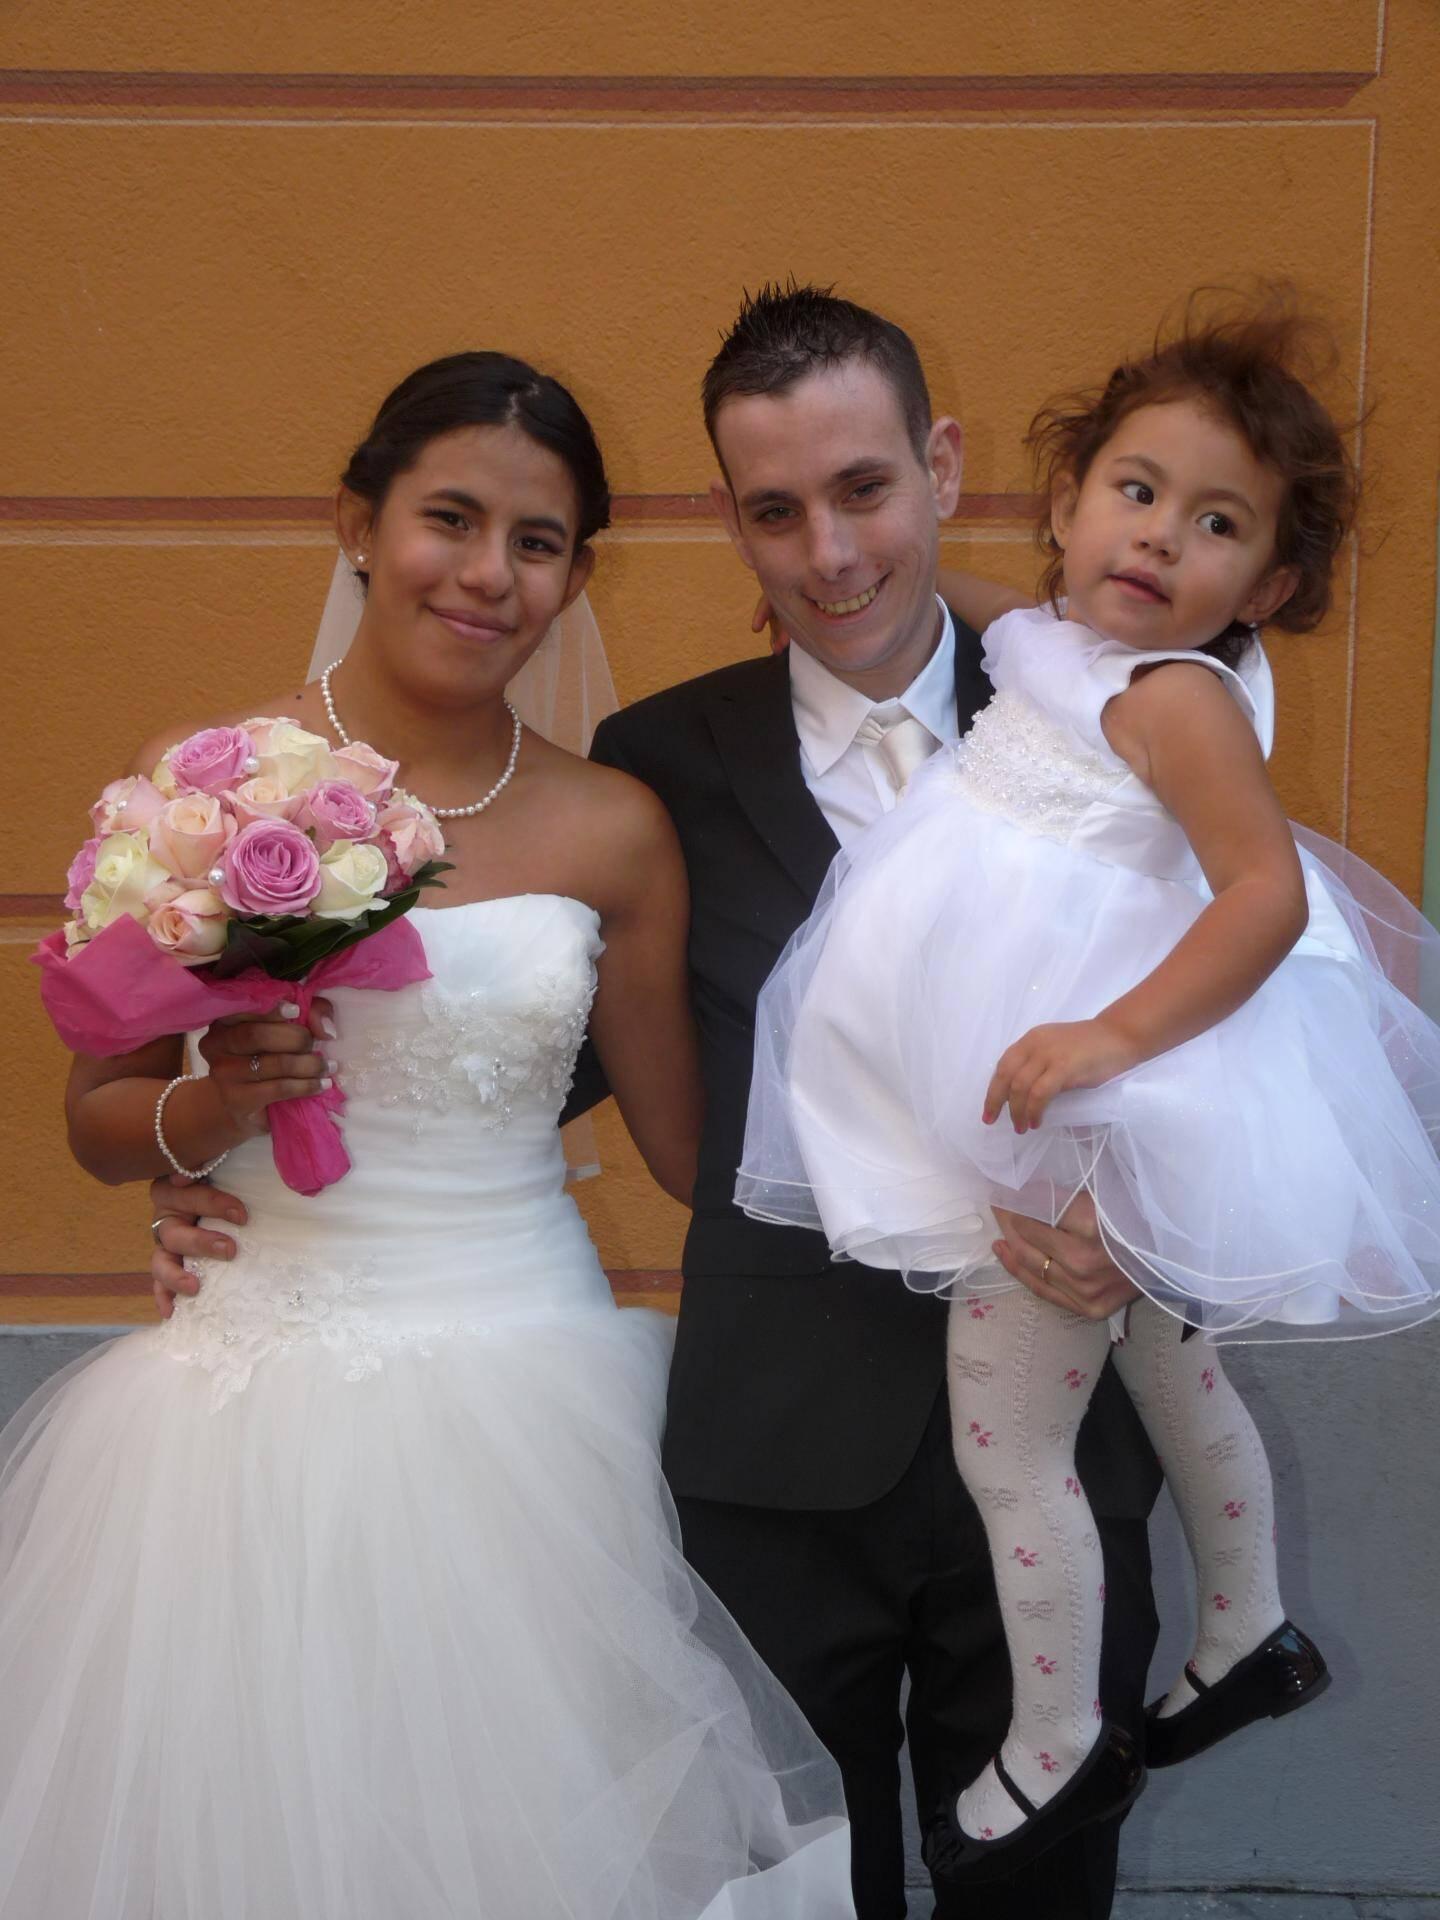 Yaneï-Laura Mariani, vendeuse, et Pedro Gonçalves Simoes, cuisinier, accompagnés de leur petite Kiara, 2 ans.